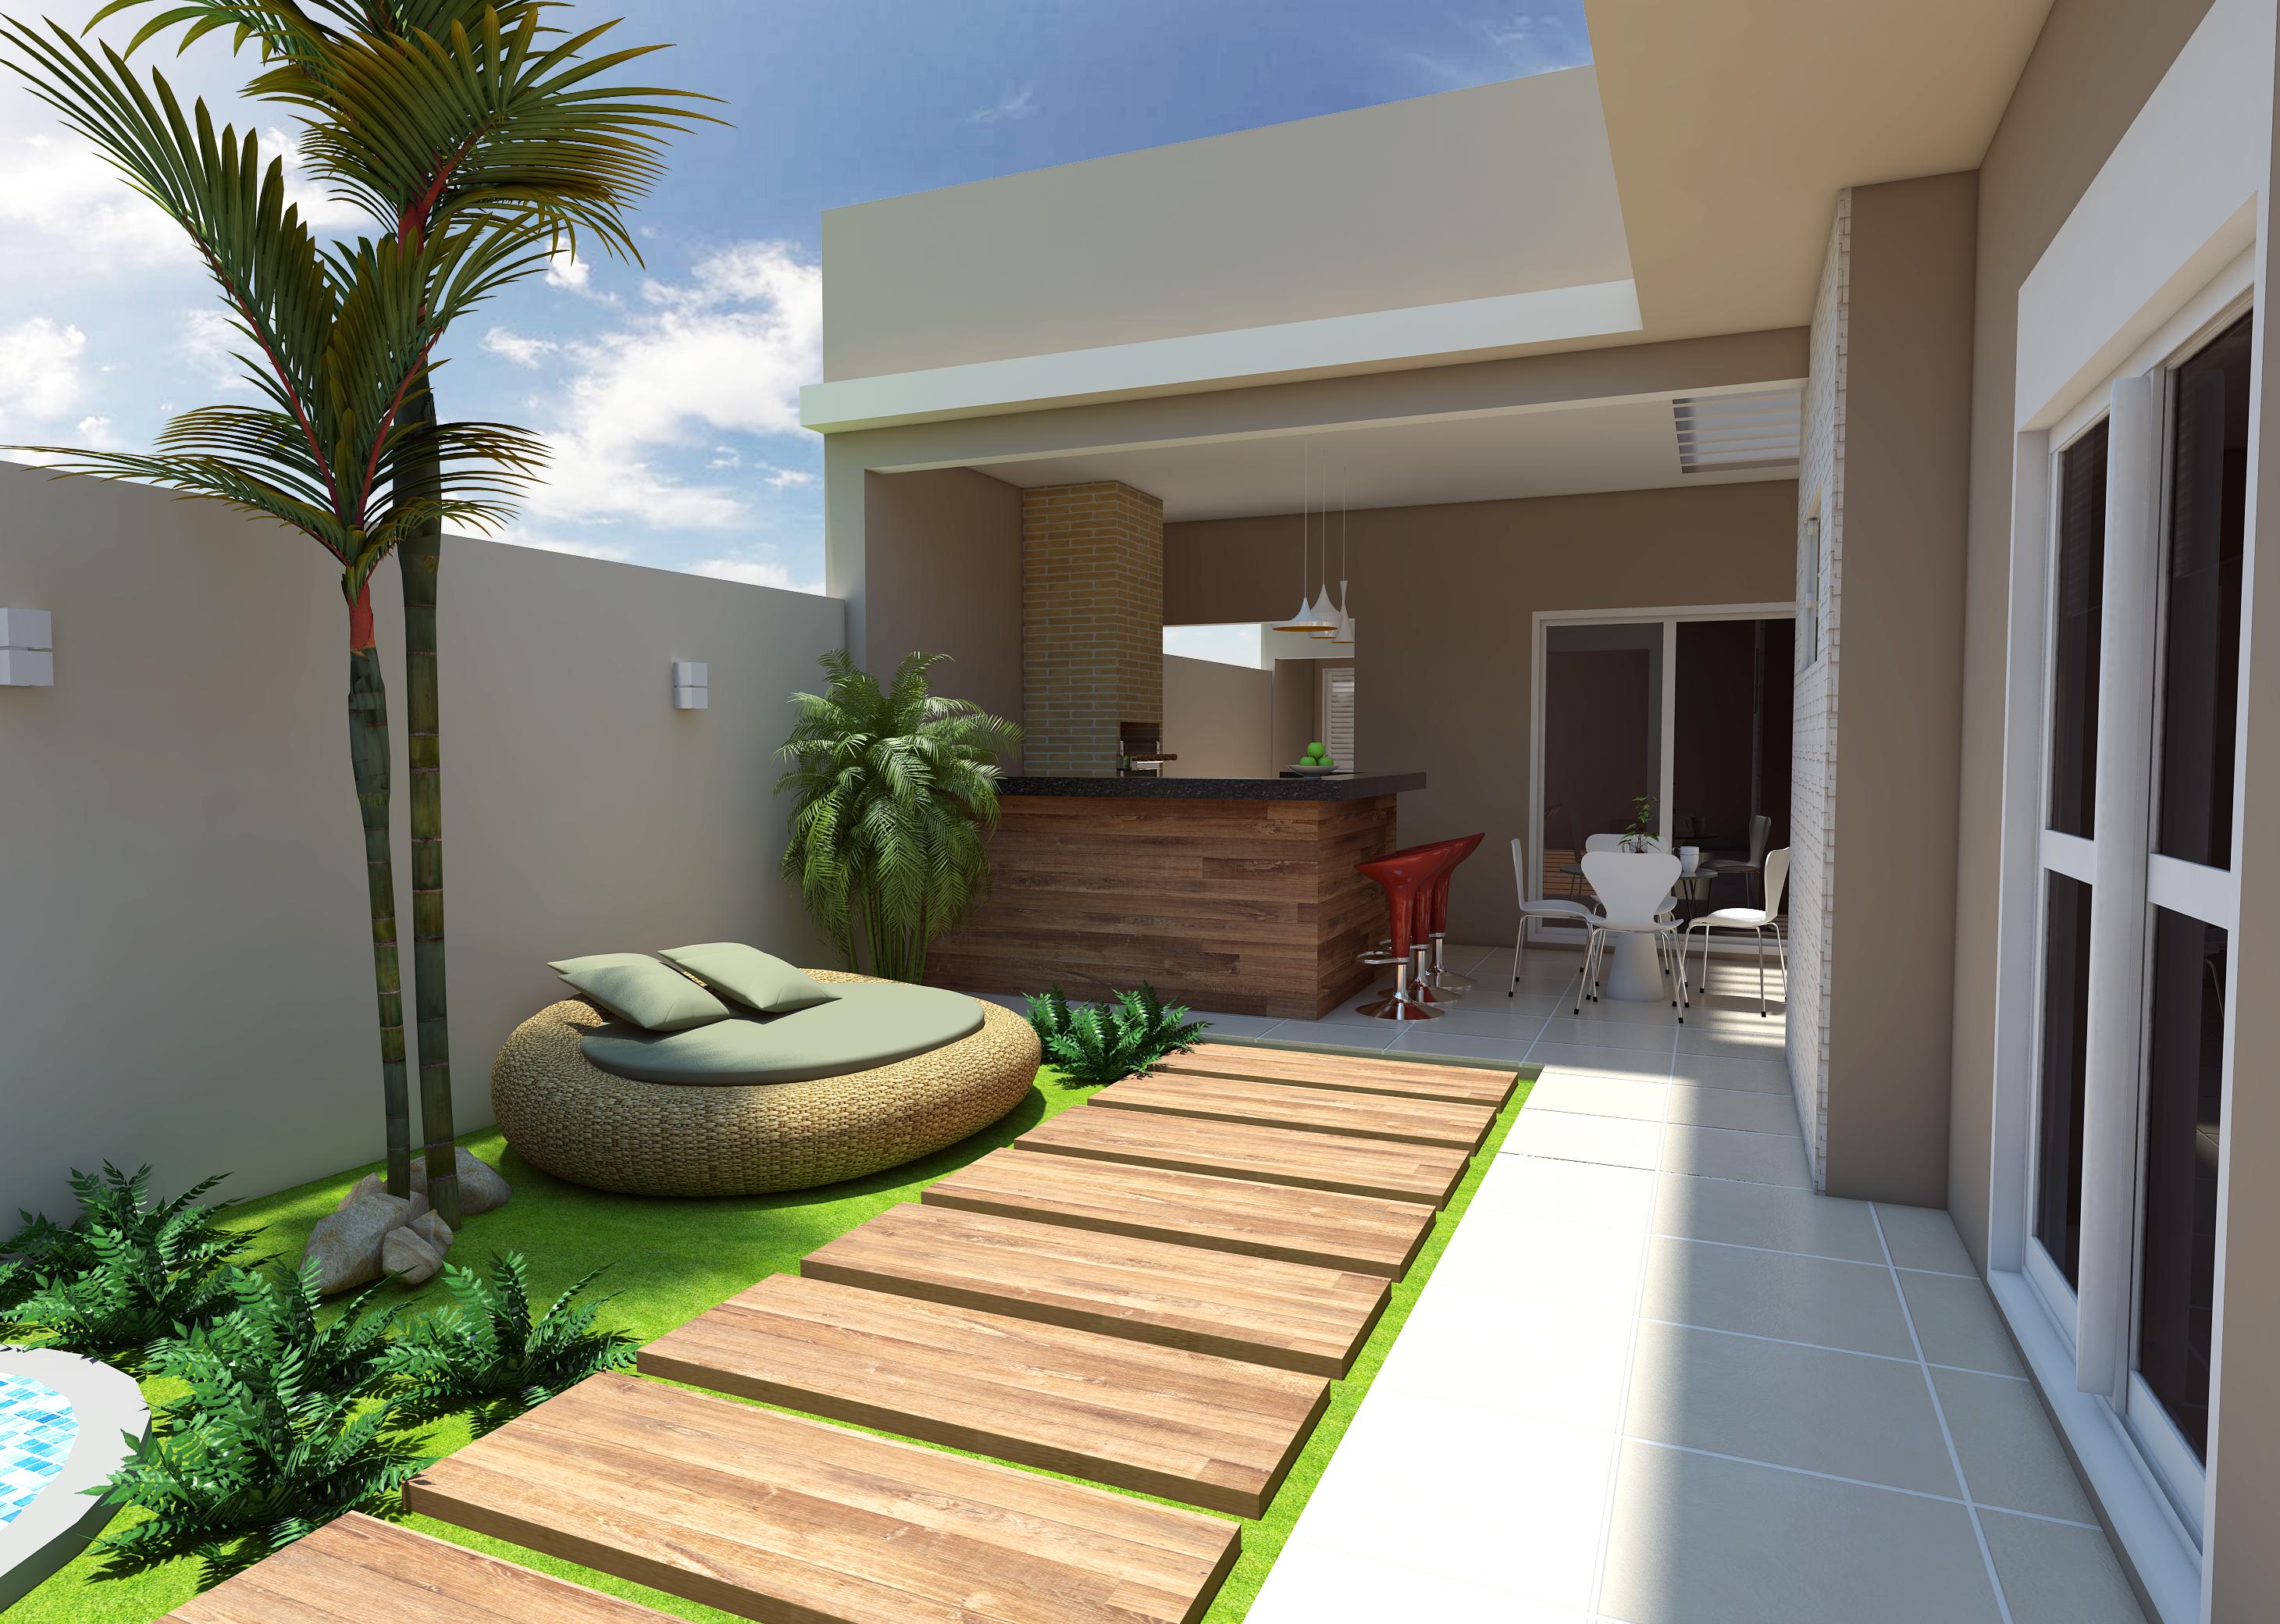 Projeto planta construir casa terrea moderna terreno 10x25 for Plantas de casas modernas